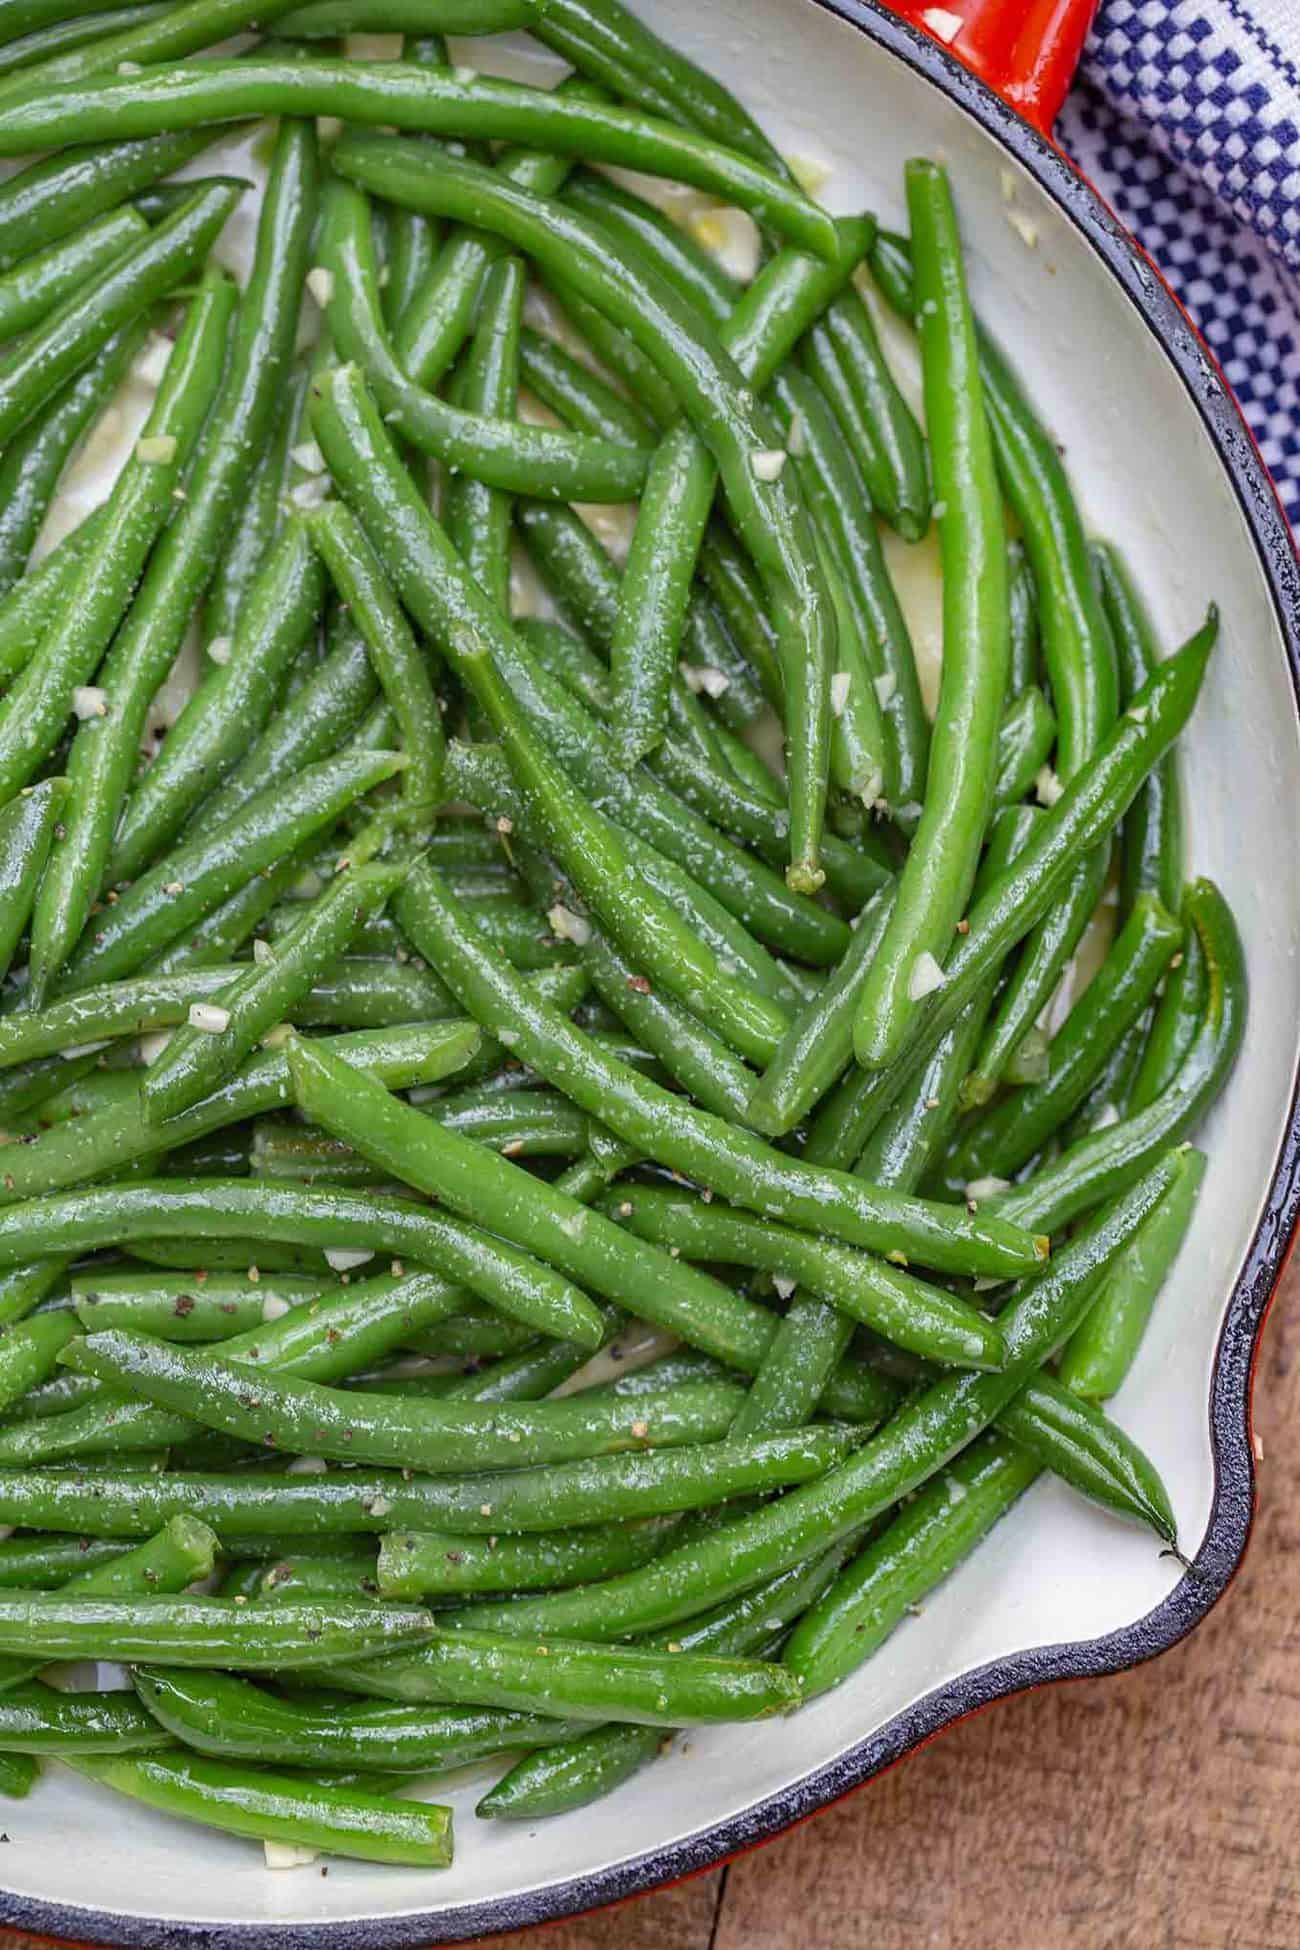 Sauteéd Green Beans